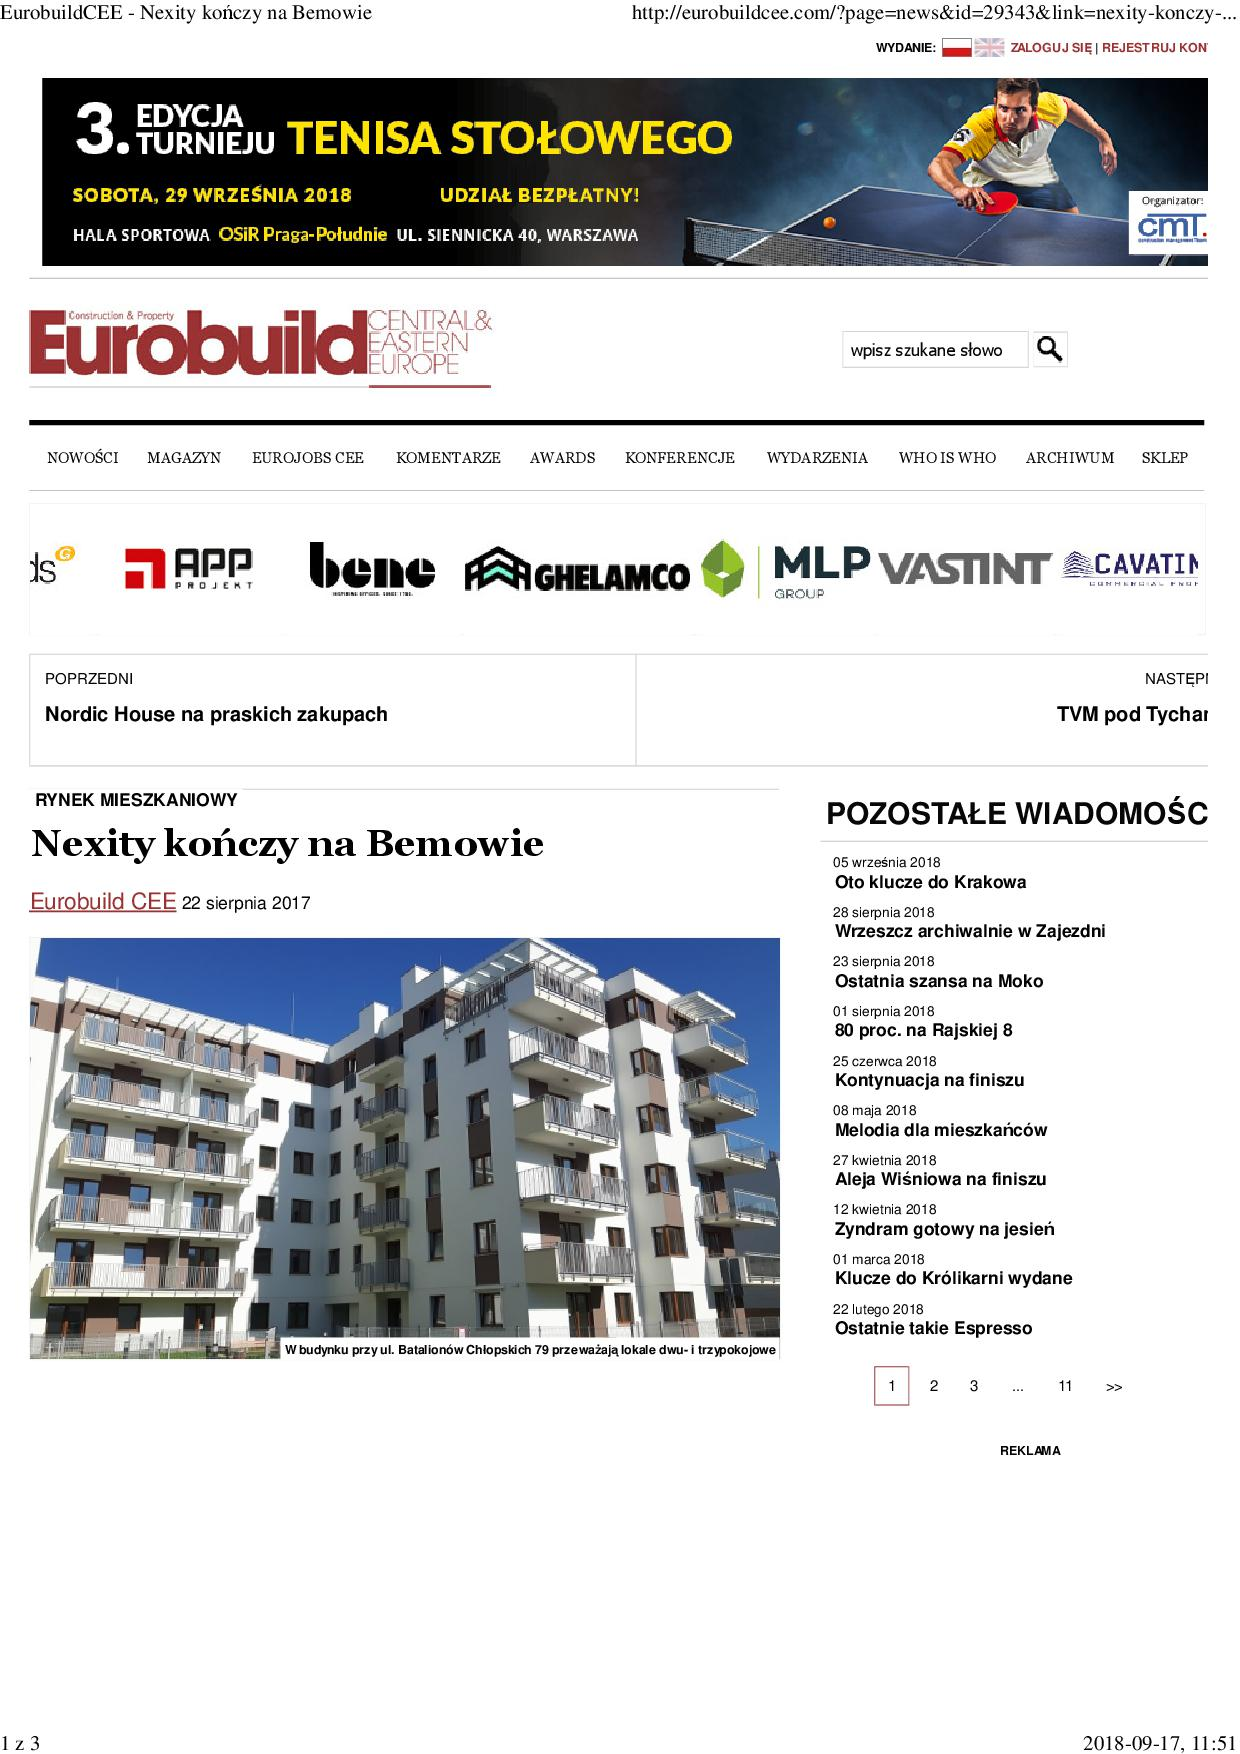 EurobuildCEE - Nexity kończy na Bemowie1